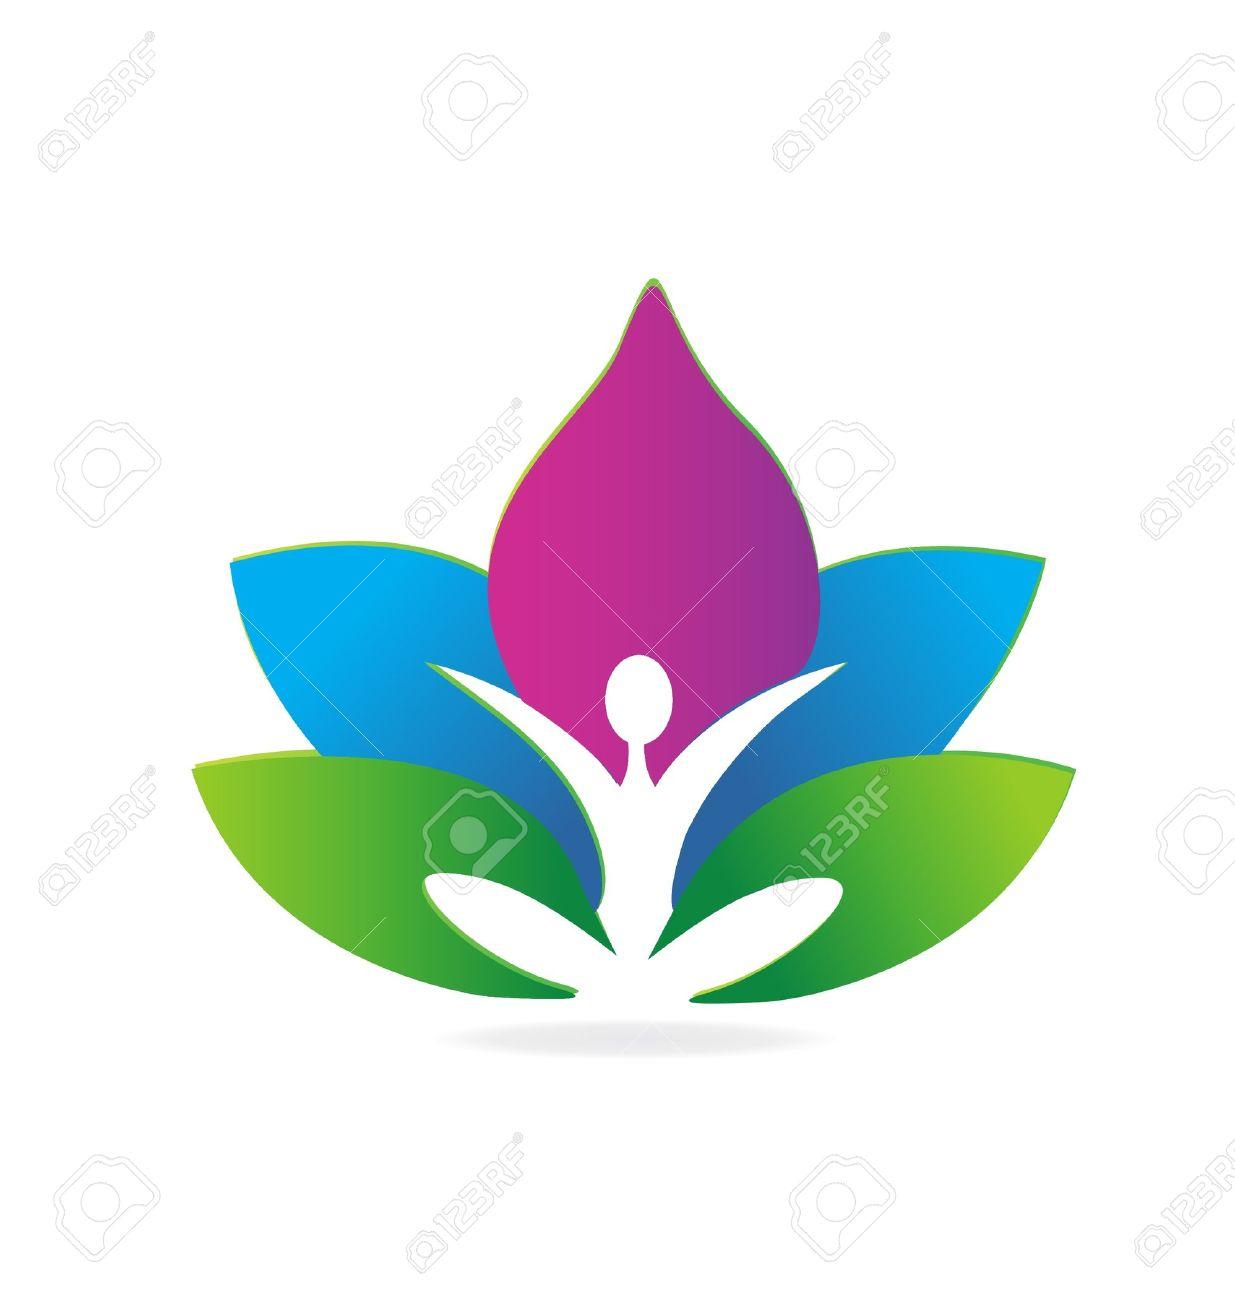 yoga lotus meditation logo royalty free cliparts vectors and stock